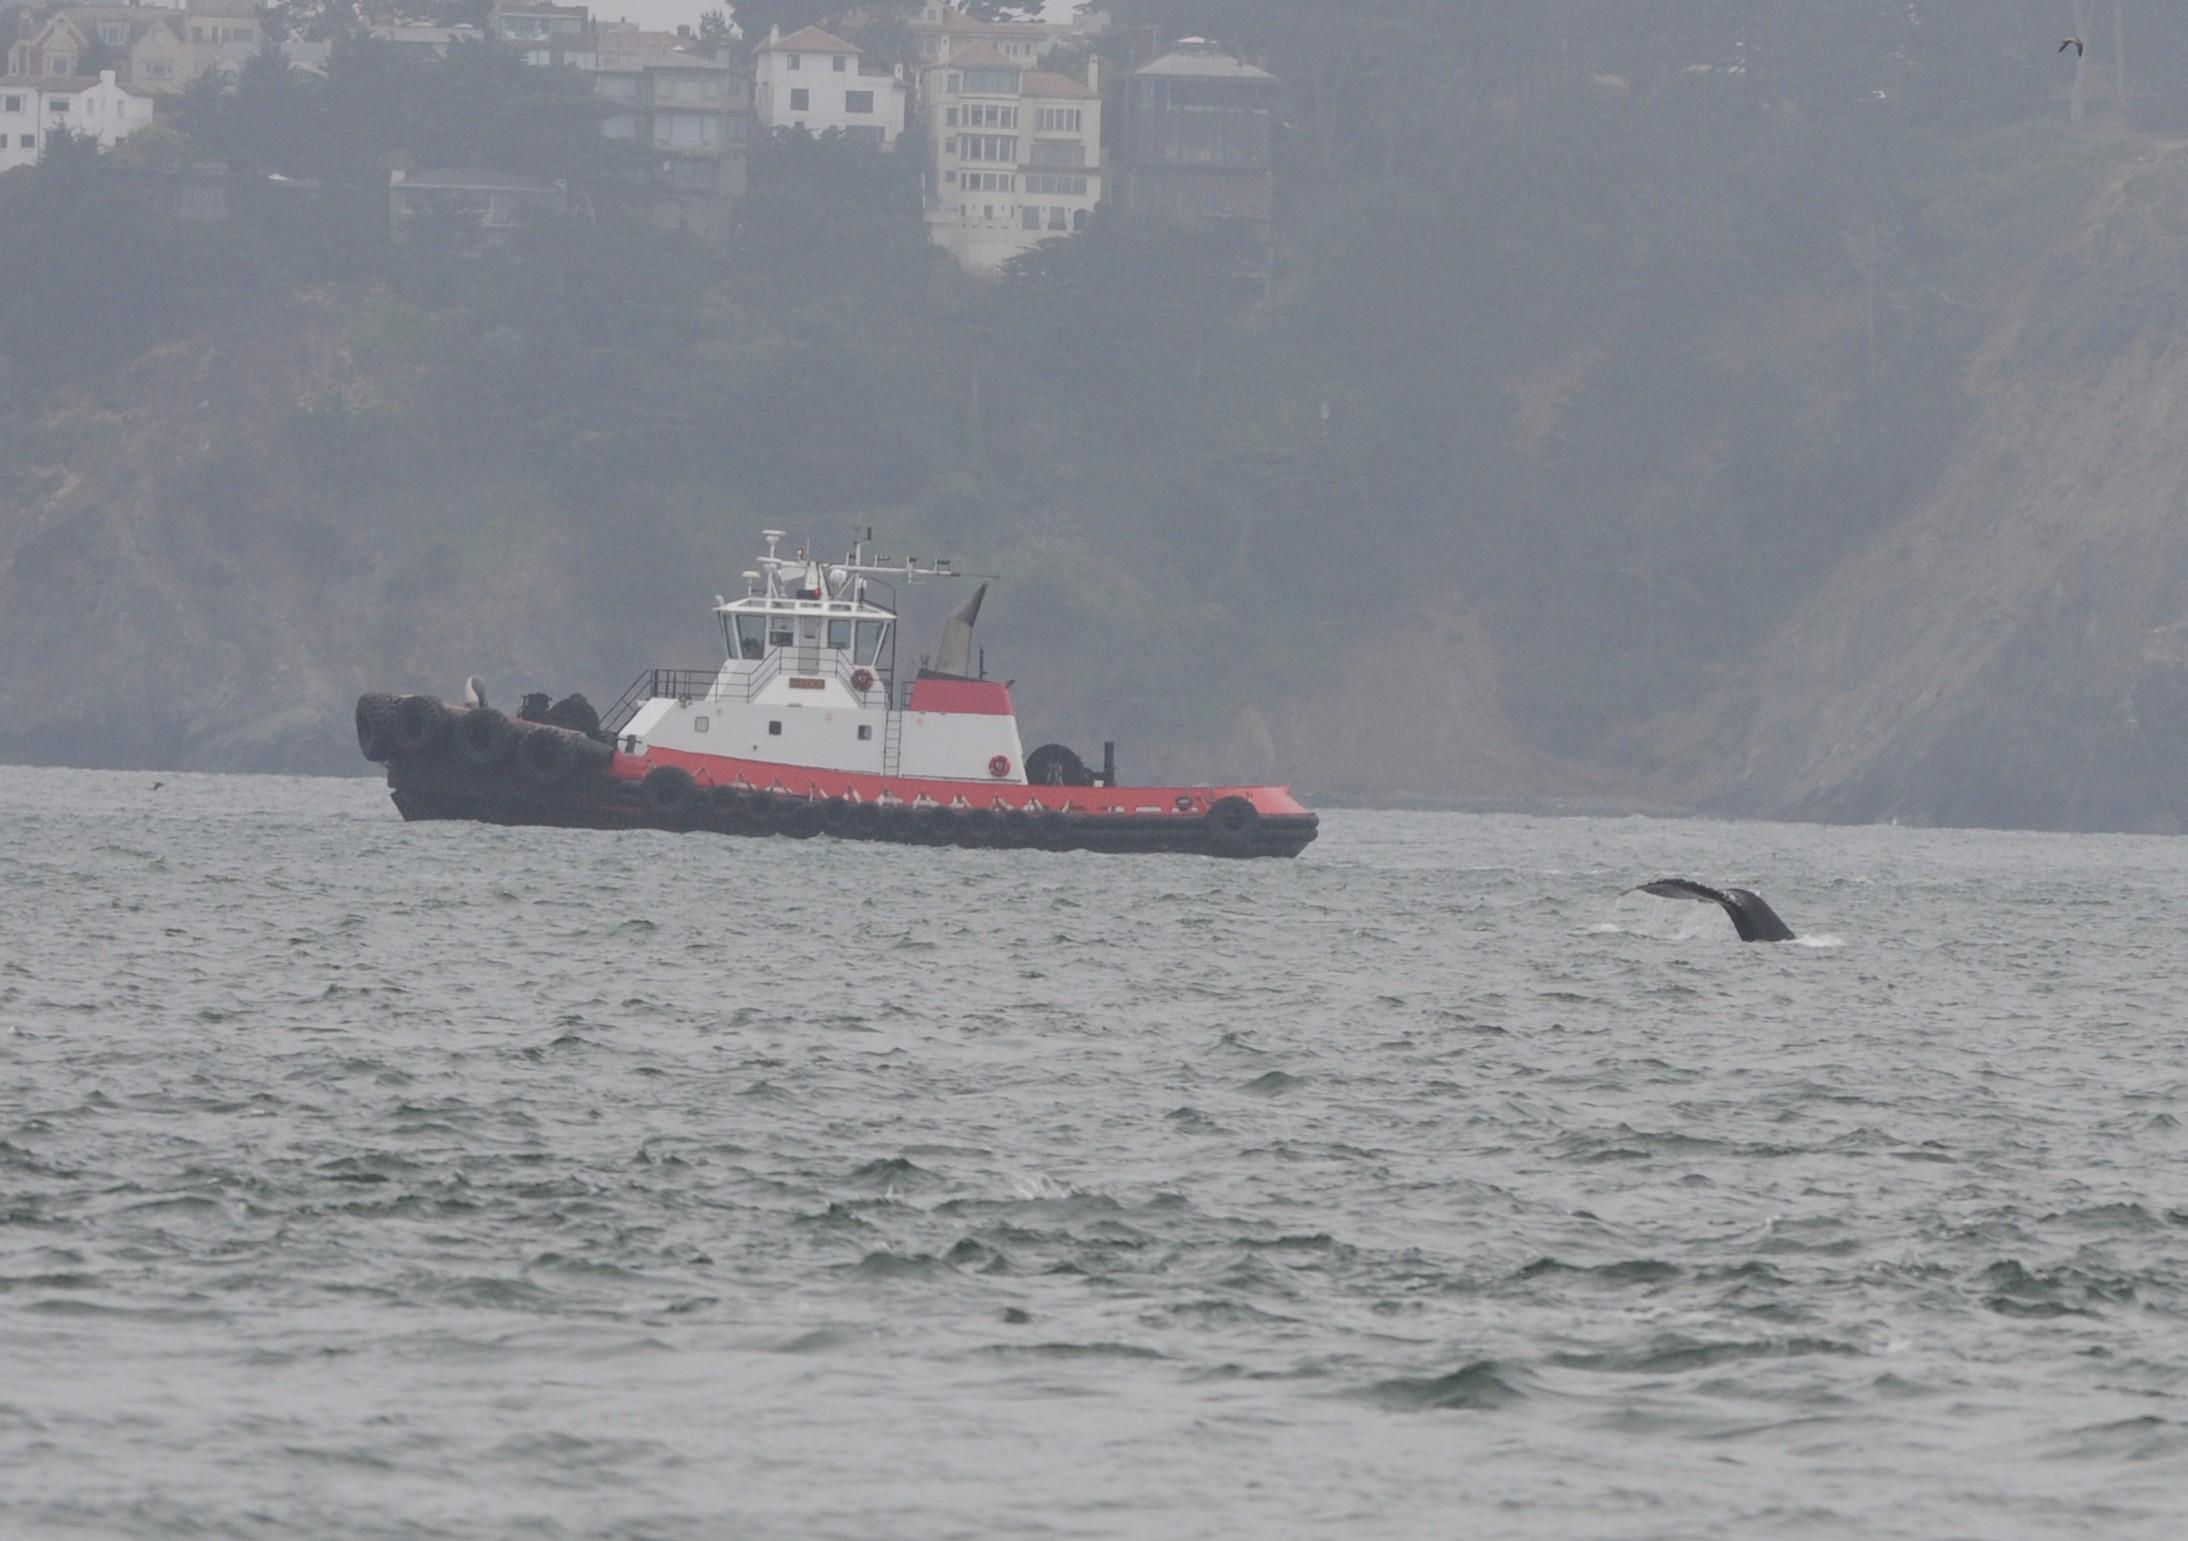 Fluke near the pilot boat.